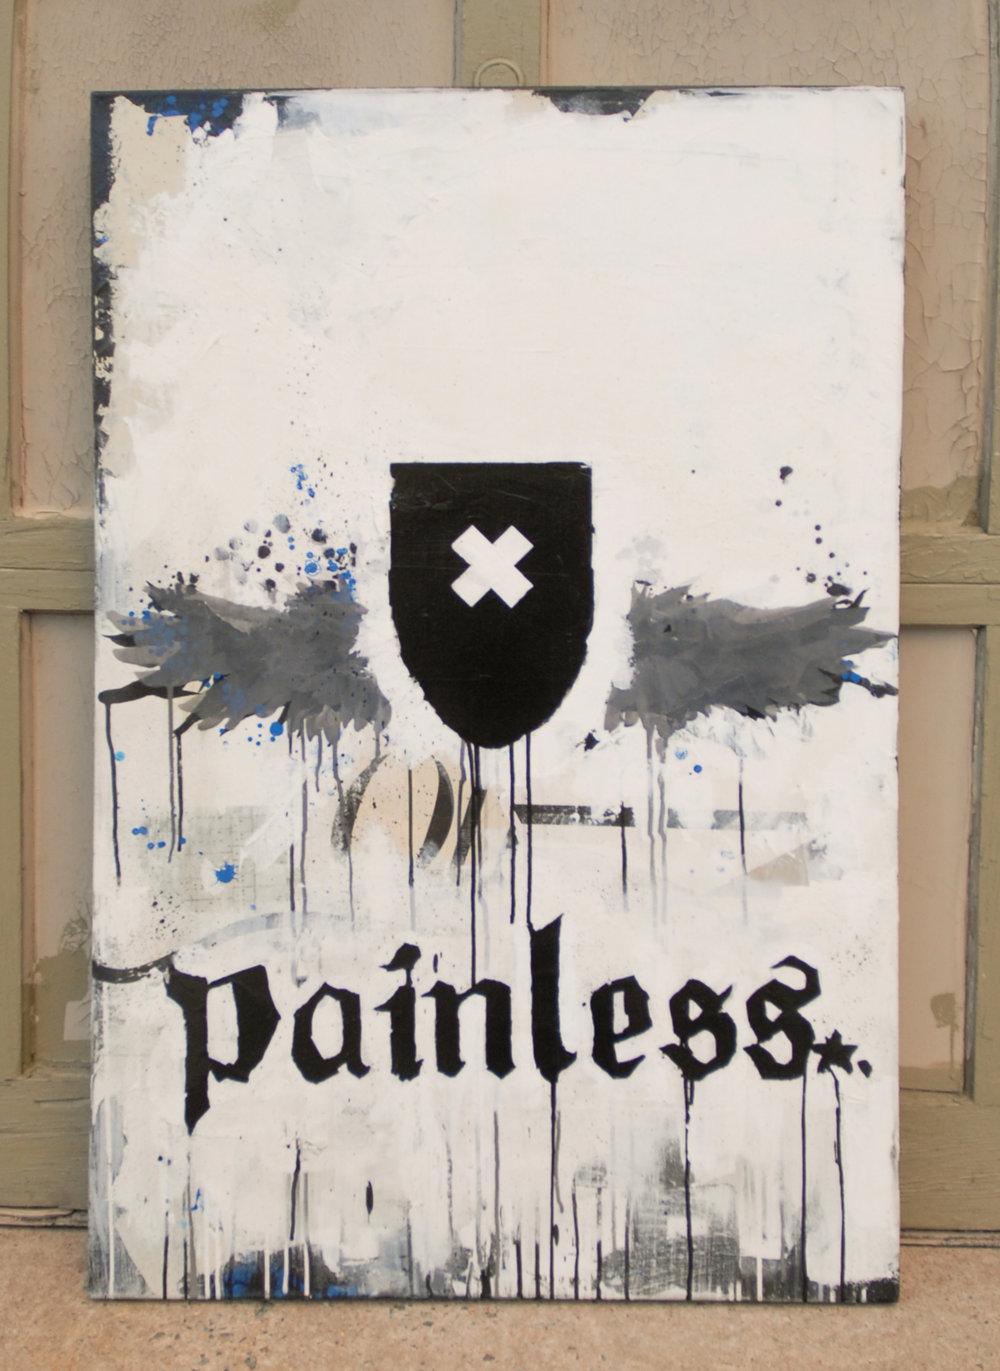 24__painless-I_1.jpg